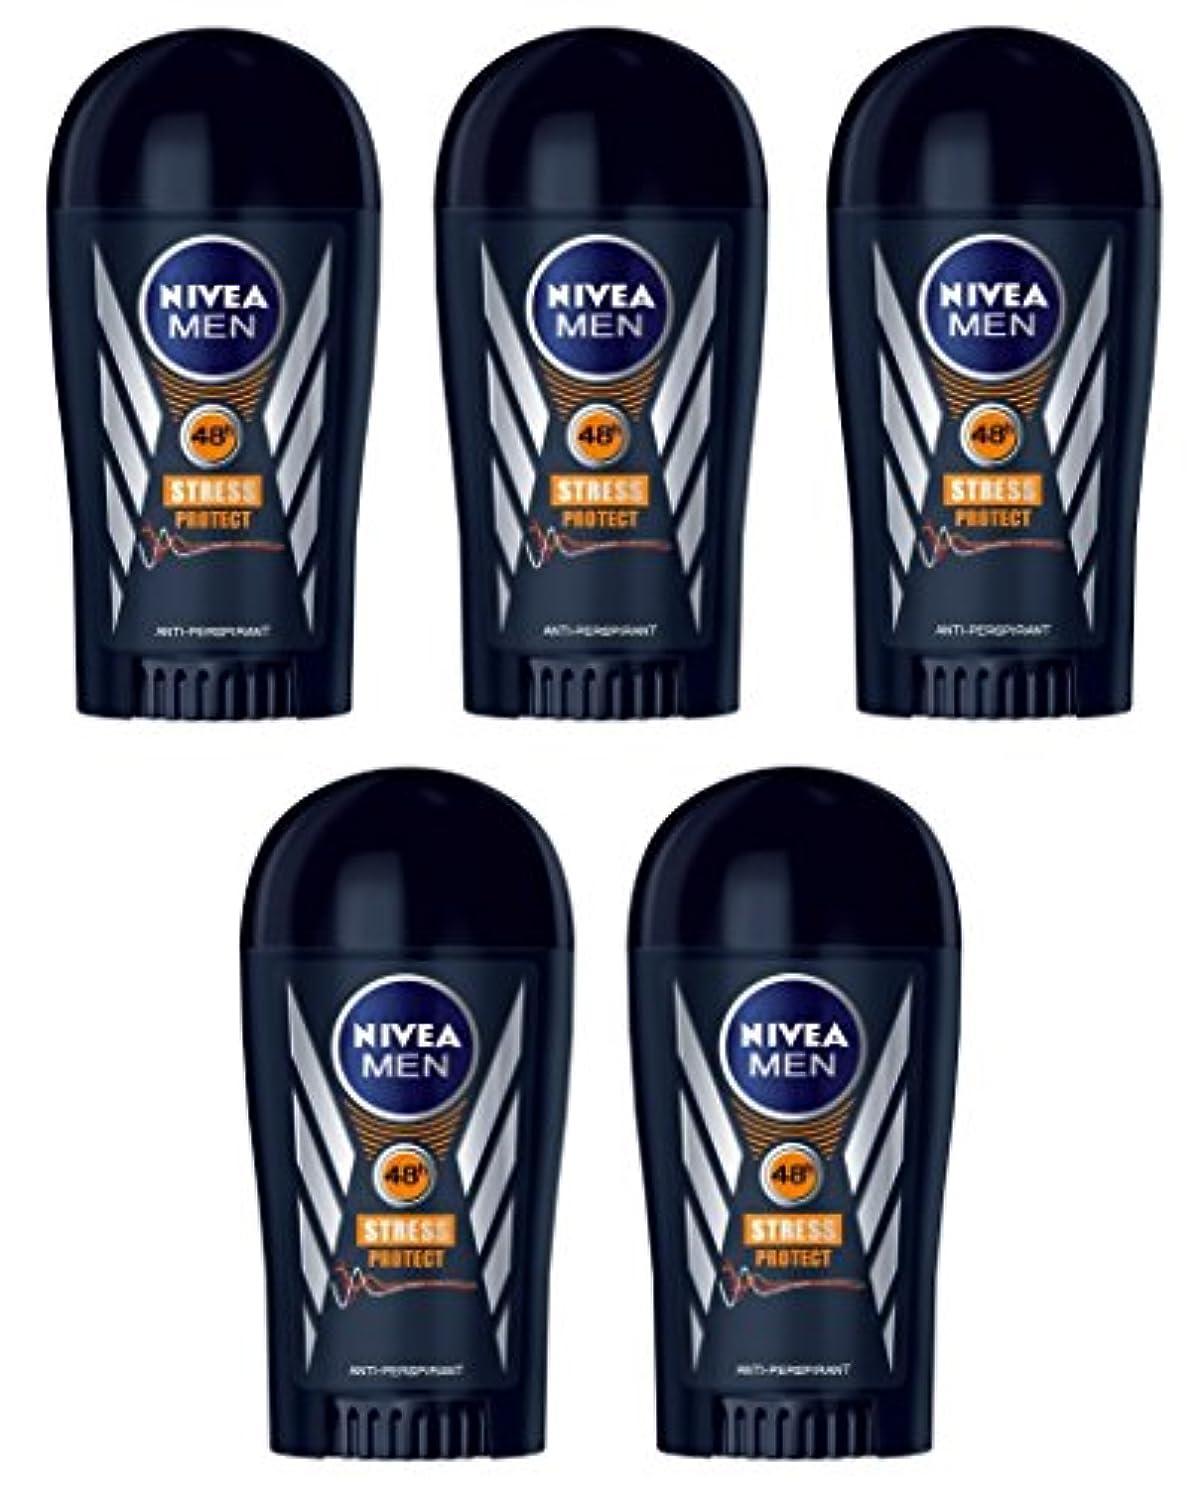 通常サスペンション通路(Pack of 5) Nivea Stress Protect Anti-perspirant Deodorant Solid Stick for Men 5x40ml - (5パック) ニベア応力プロテクト制汗剤デオドラントスティック...